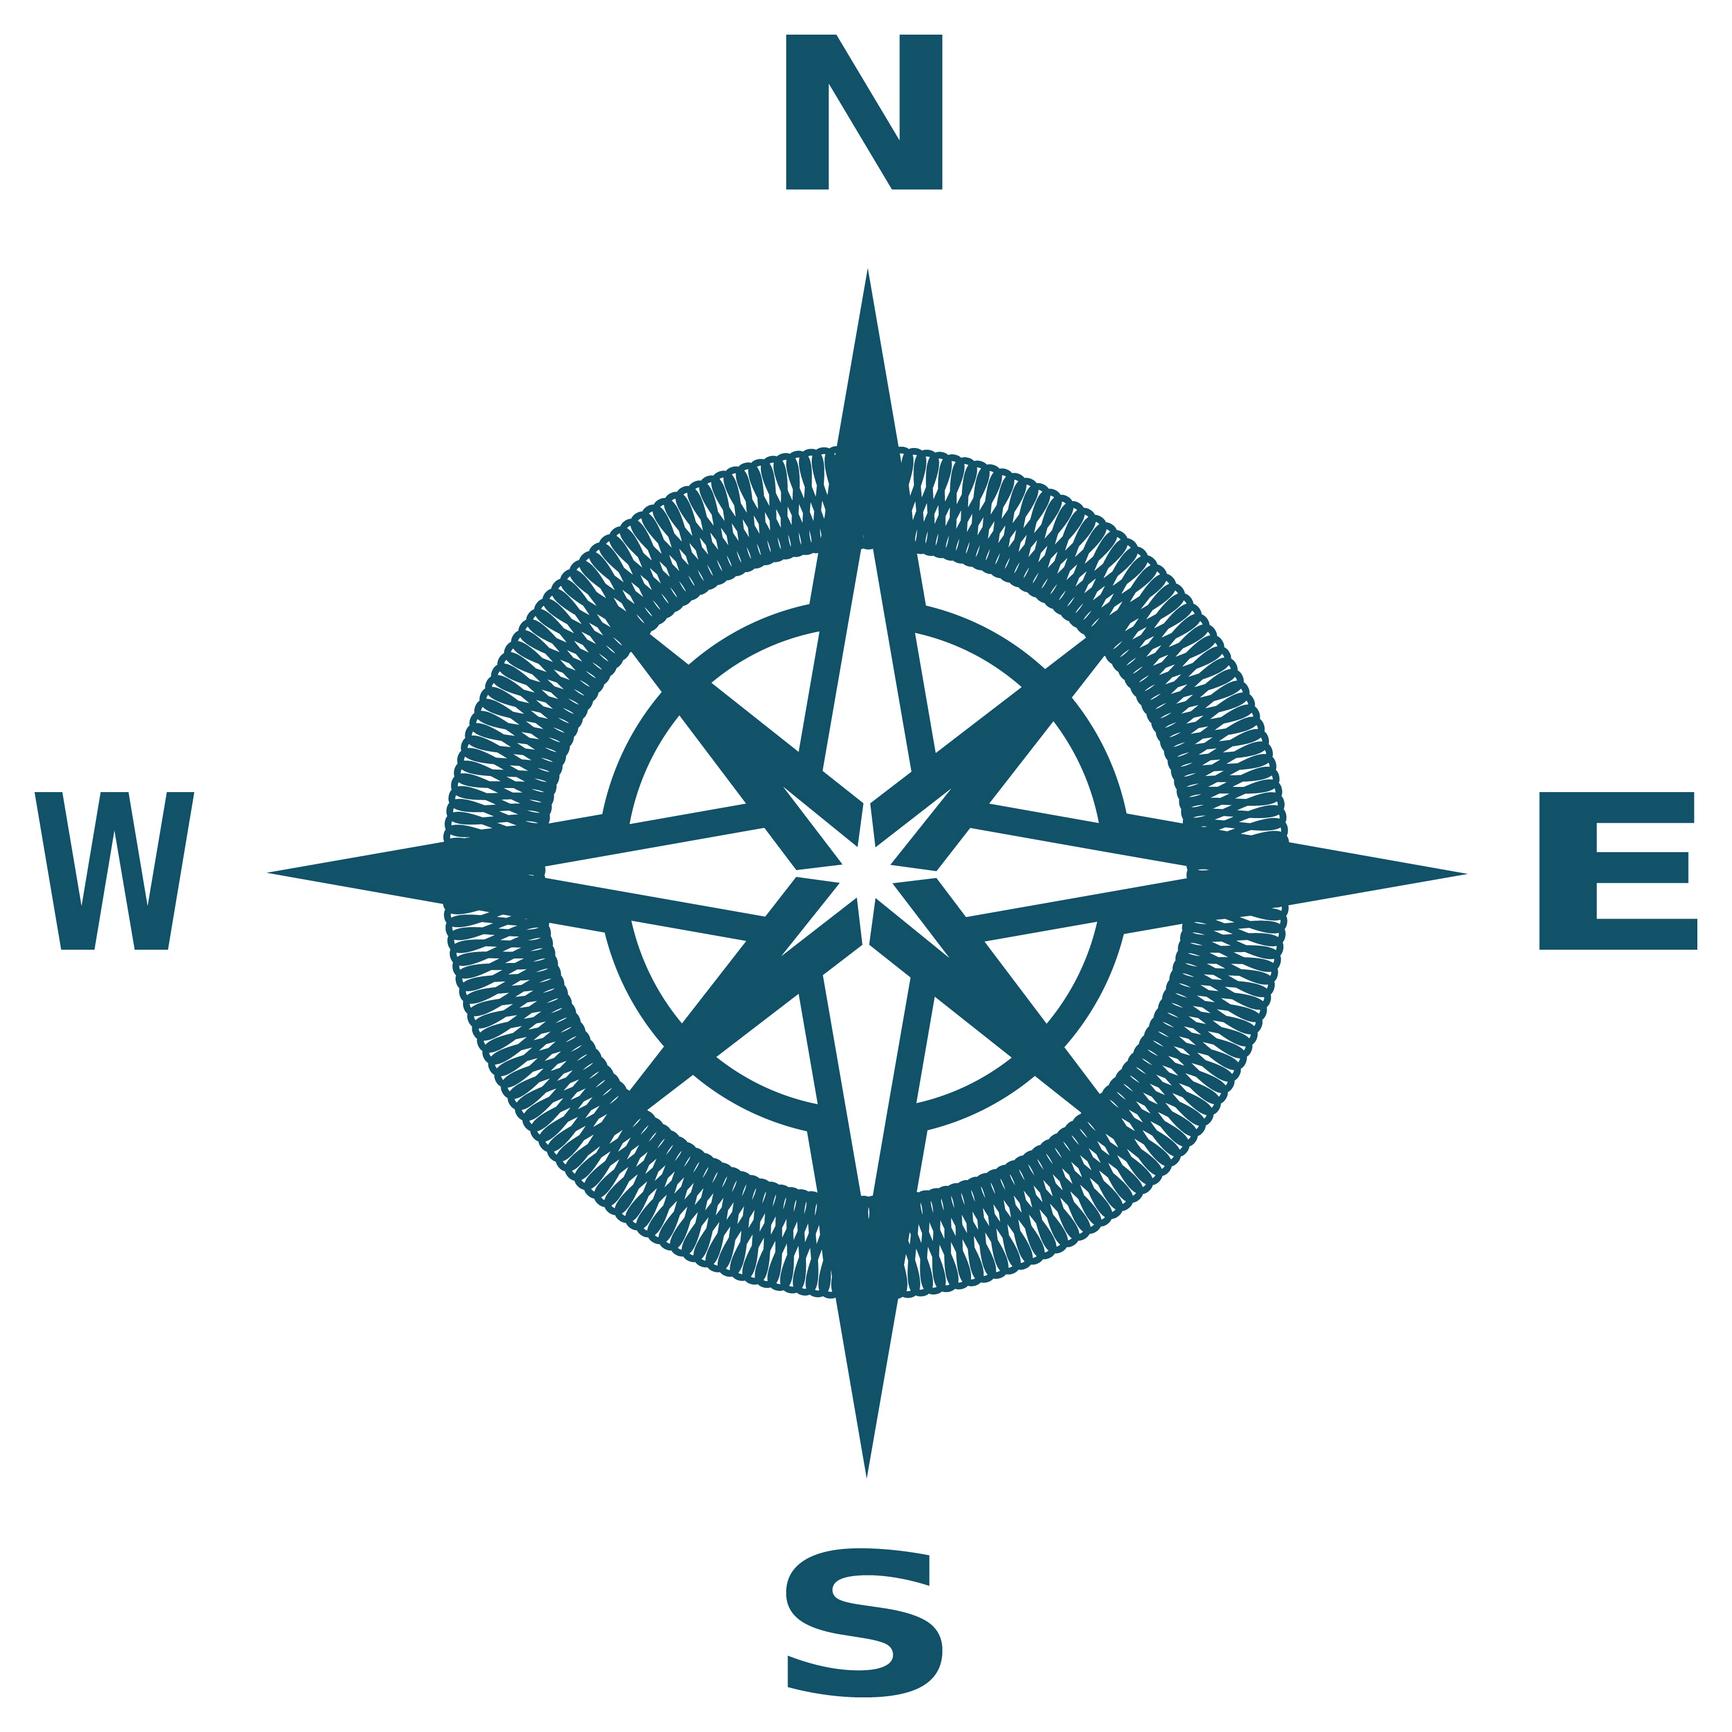 1732x1732 Compass Clip Art Symbols Download Vector Image 2